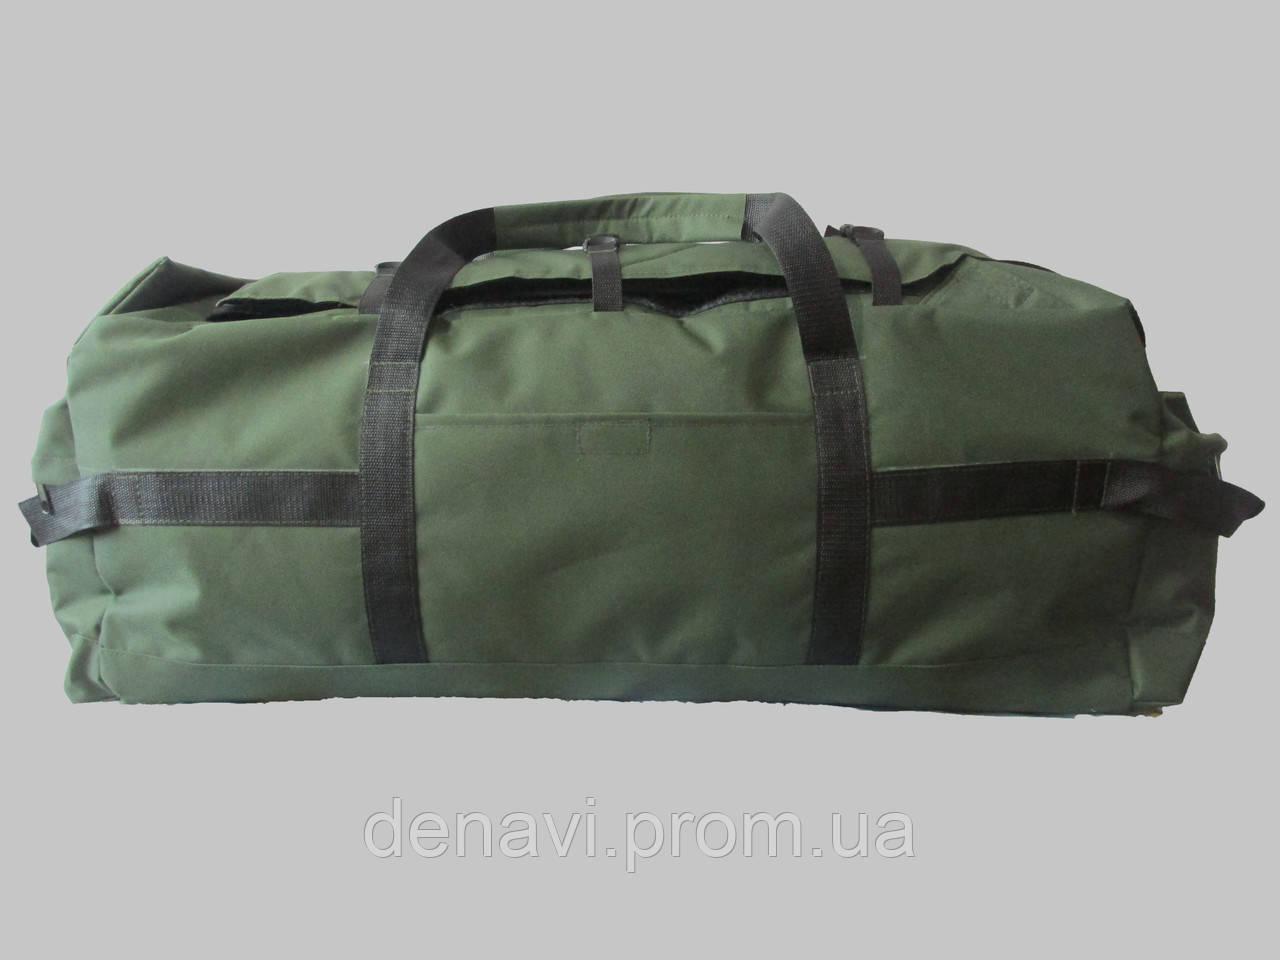 Велорюкзак 100 л купить украина рюкзак active leisure 16 nepal 55